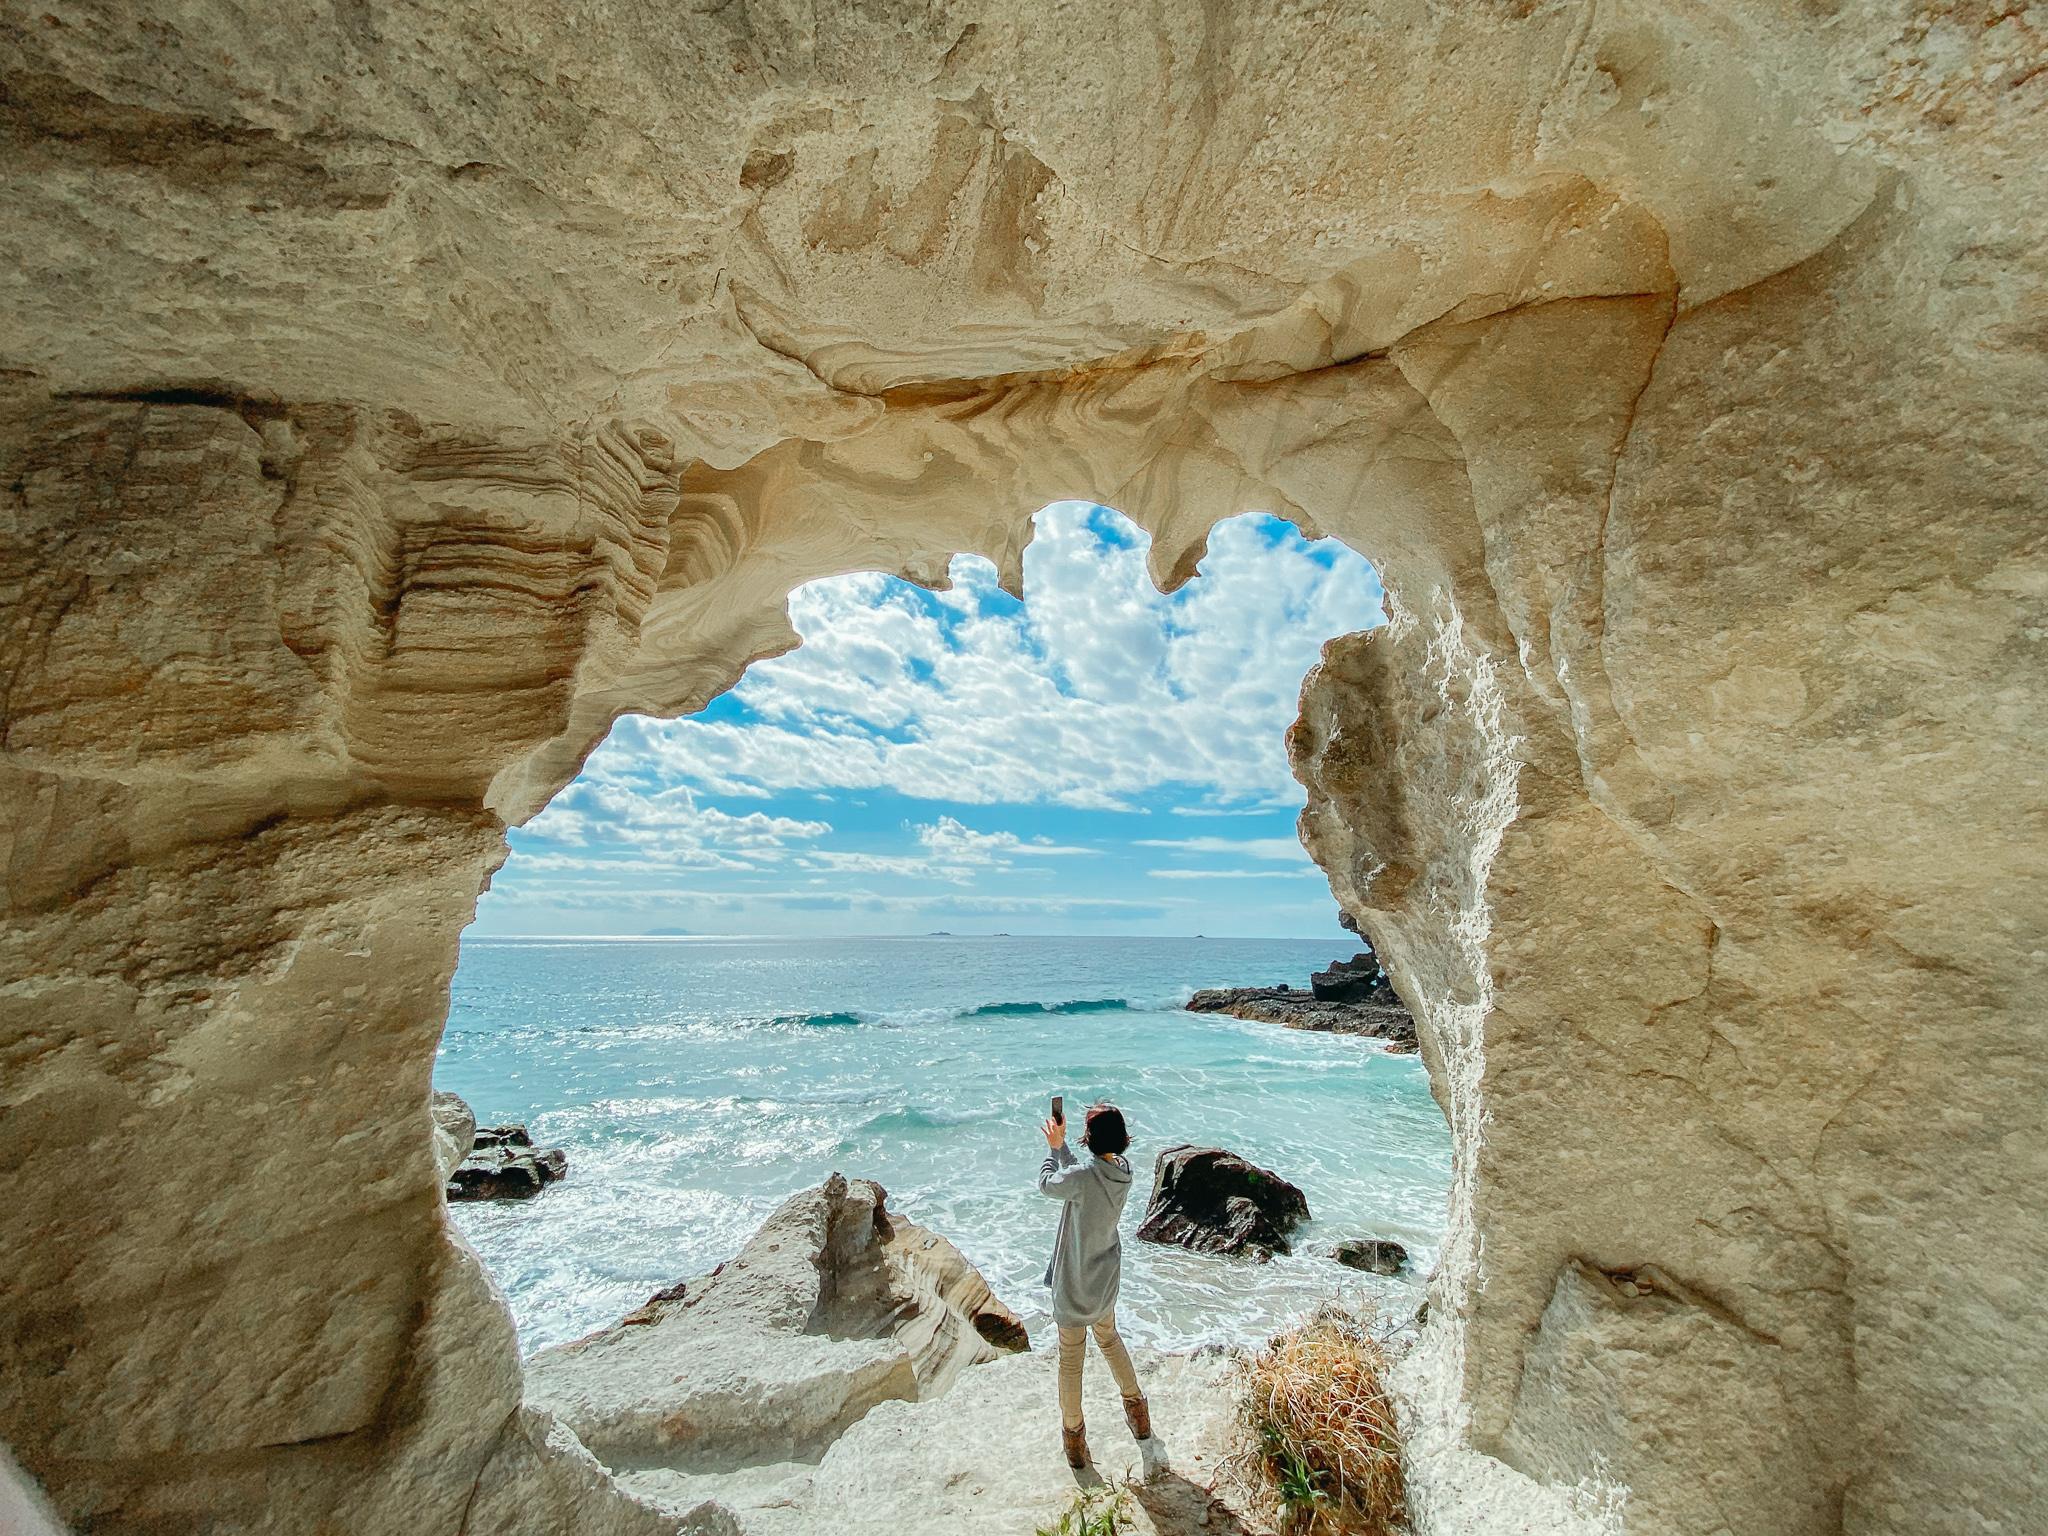 多々戸浜にあるSNS映えが素晴らしい白い洞窟は天気が良い日ならおすすめ。写真も販売しています。